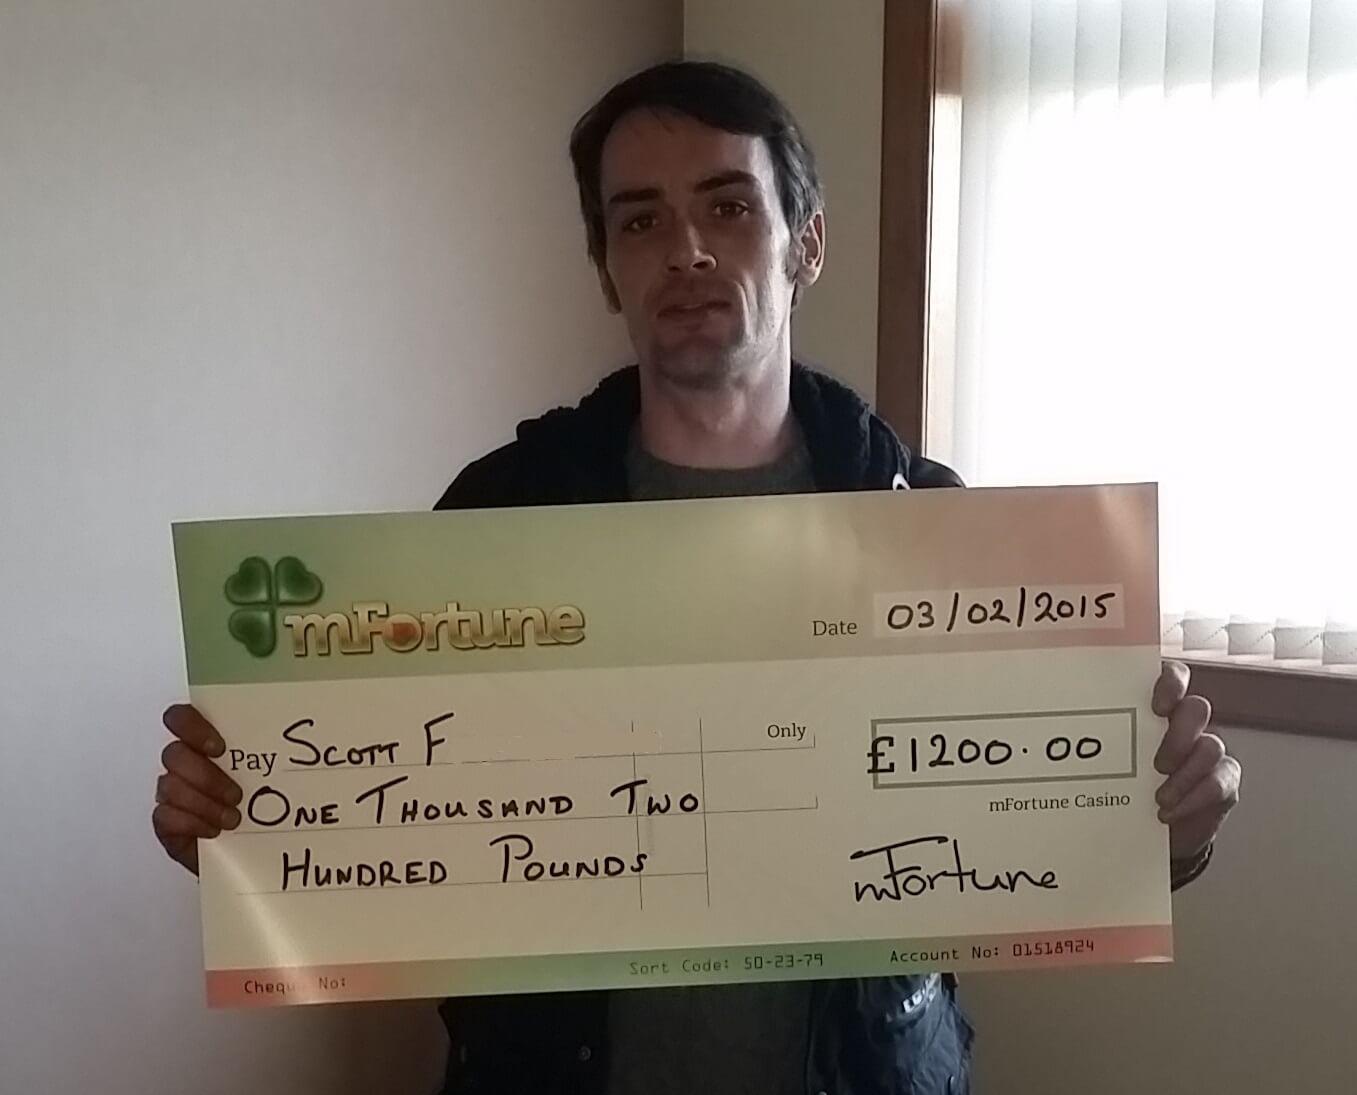 Scott F won £ 1,200